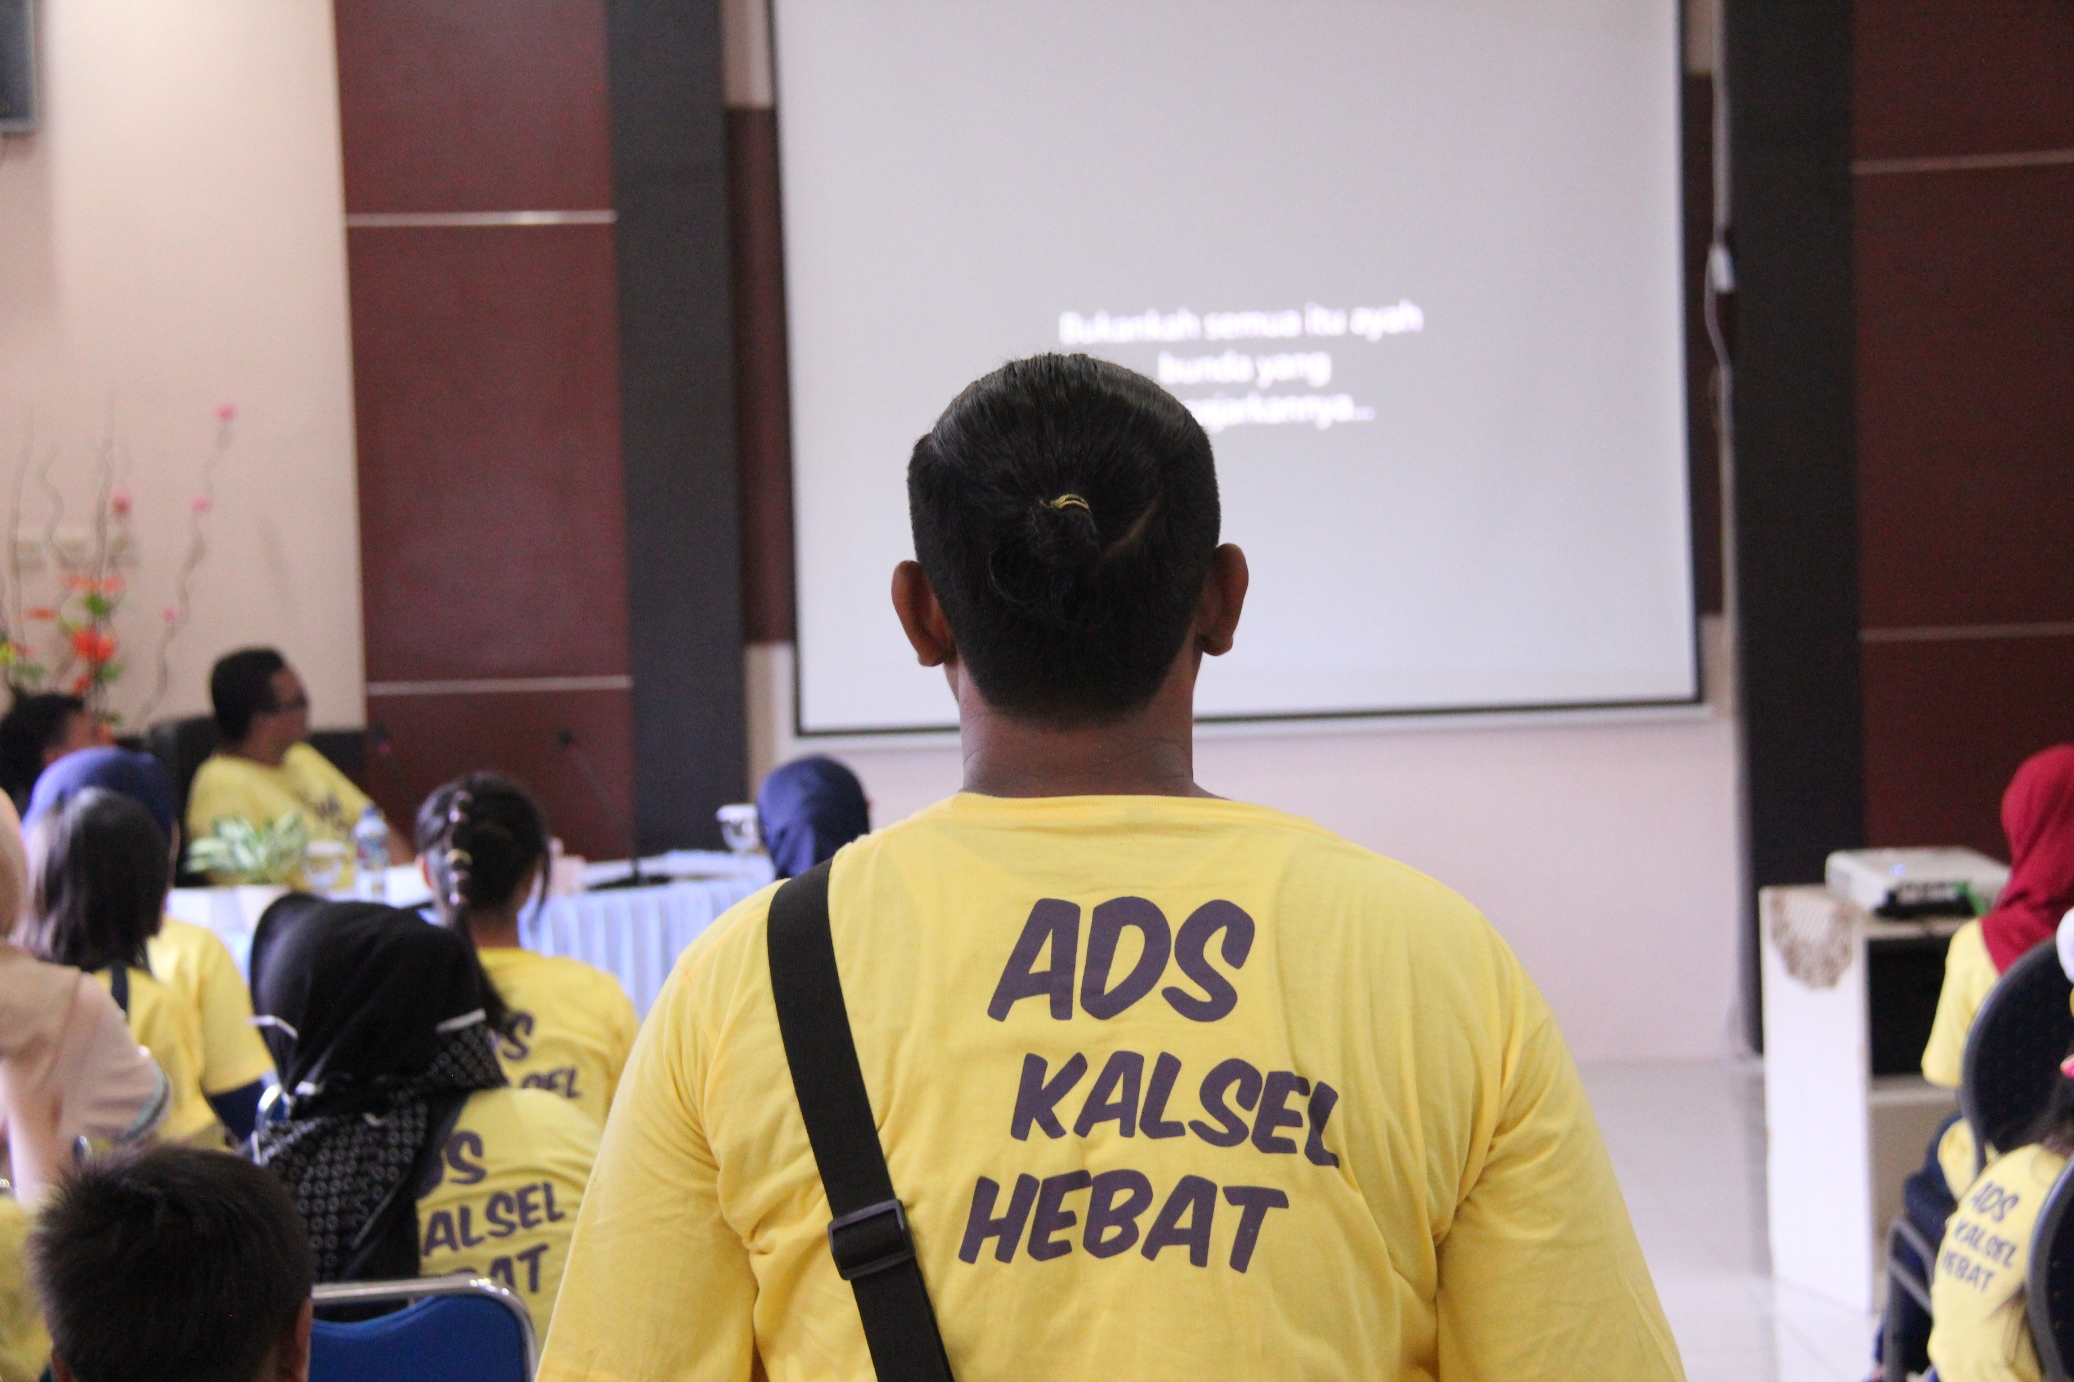 Peran Orang Tua dalam Mendukung Tumbuh Kembang Anak Surga bersama ADS Kalsel Hebat